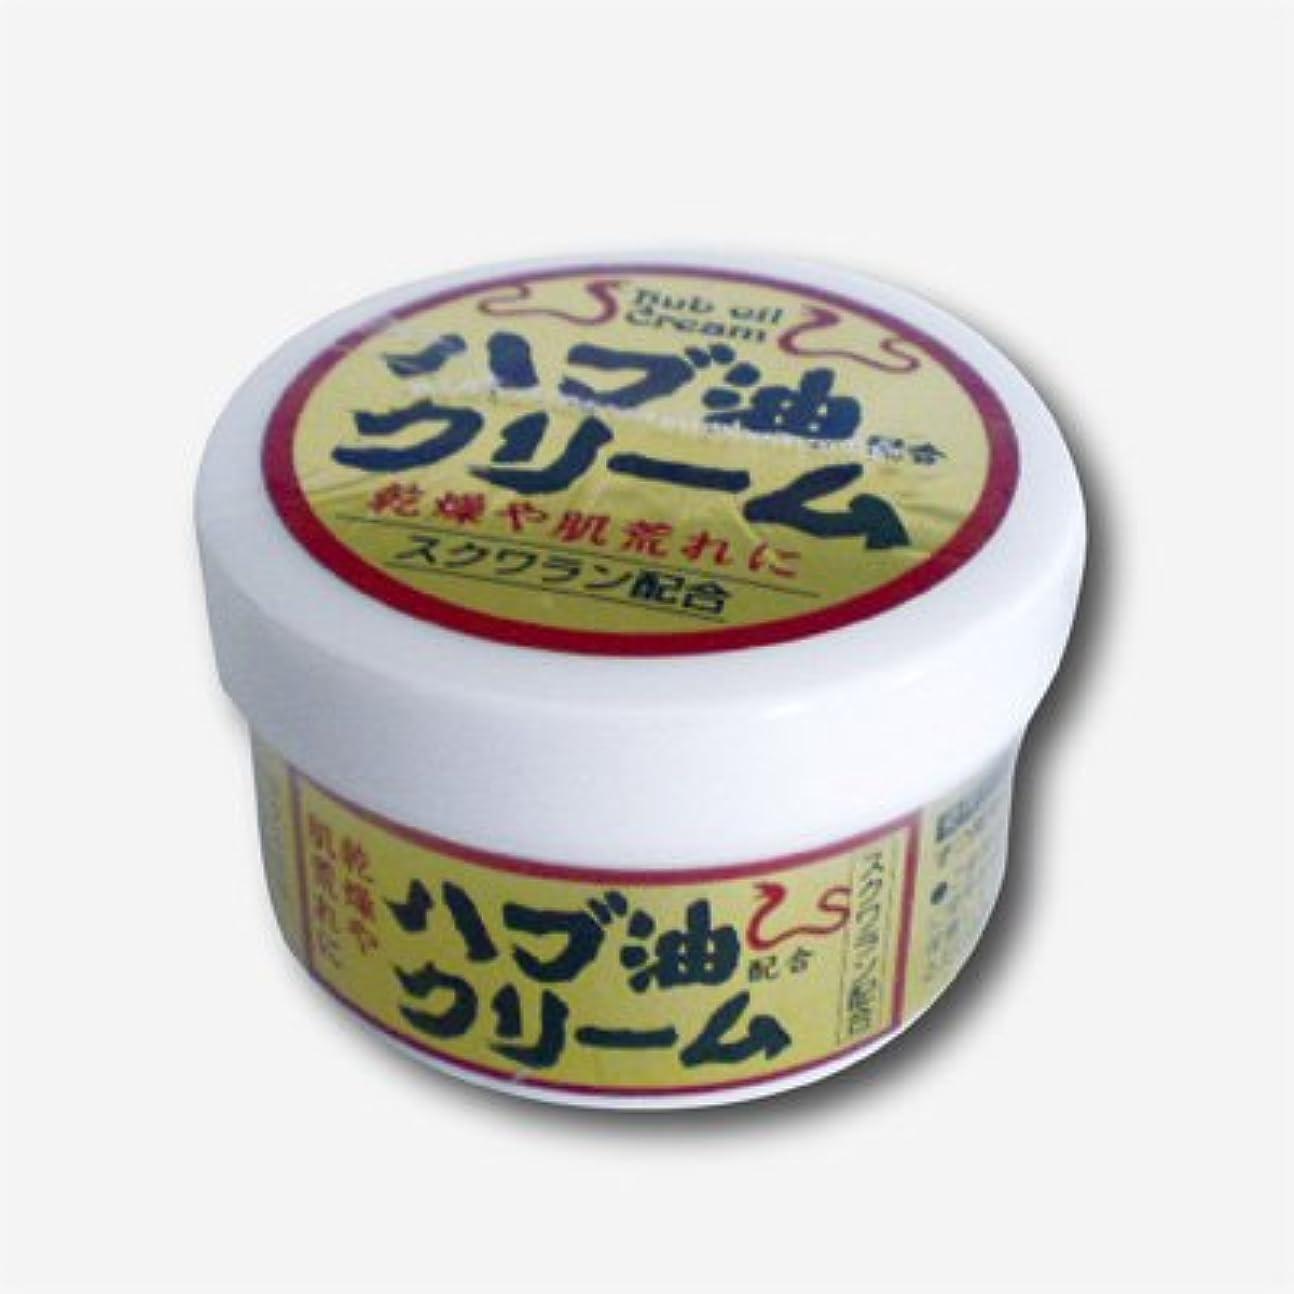 アブストラクトマージン団結するハブ油配合クリーム 1個【1個?50g】